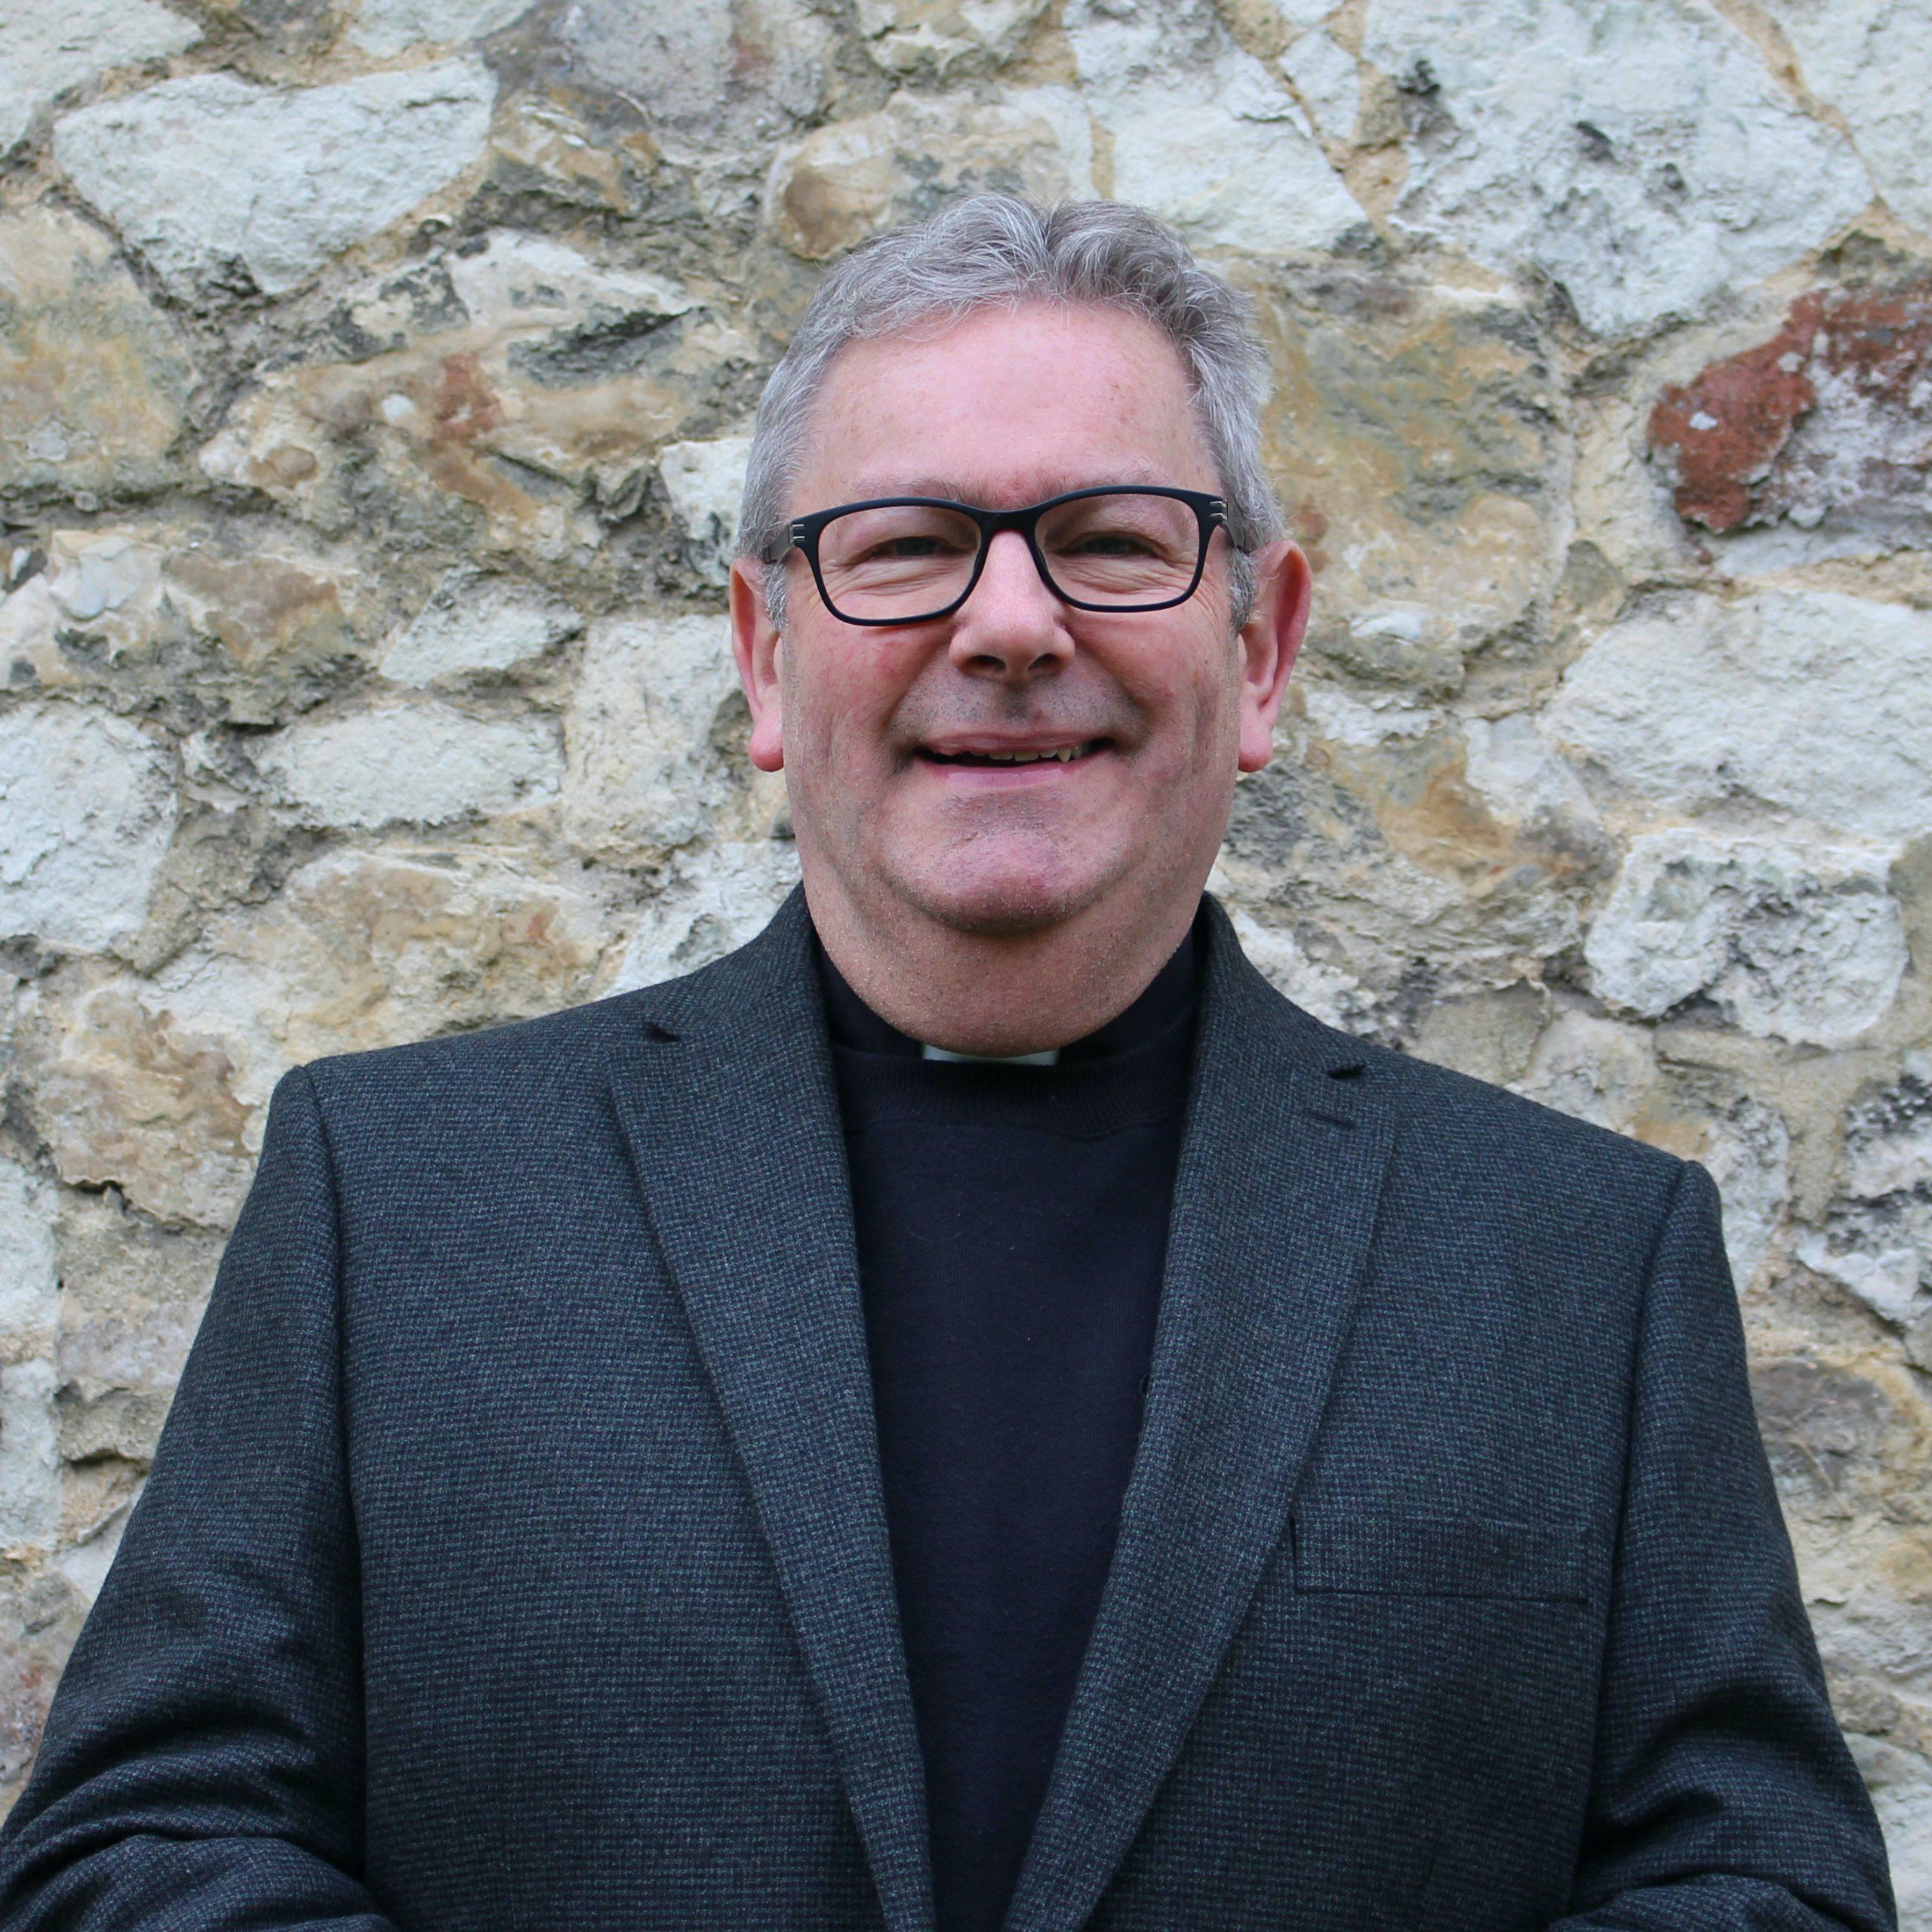 David Uffindell